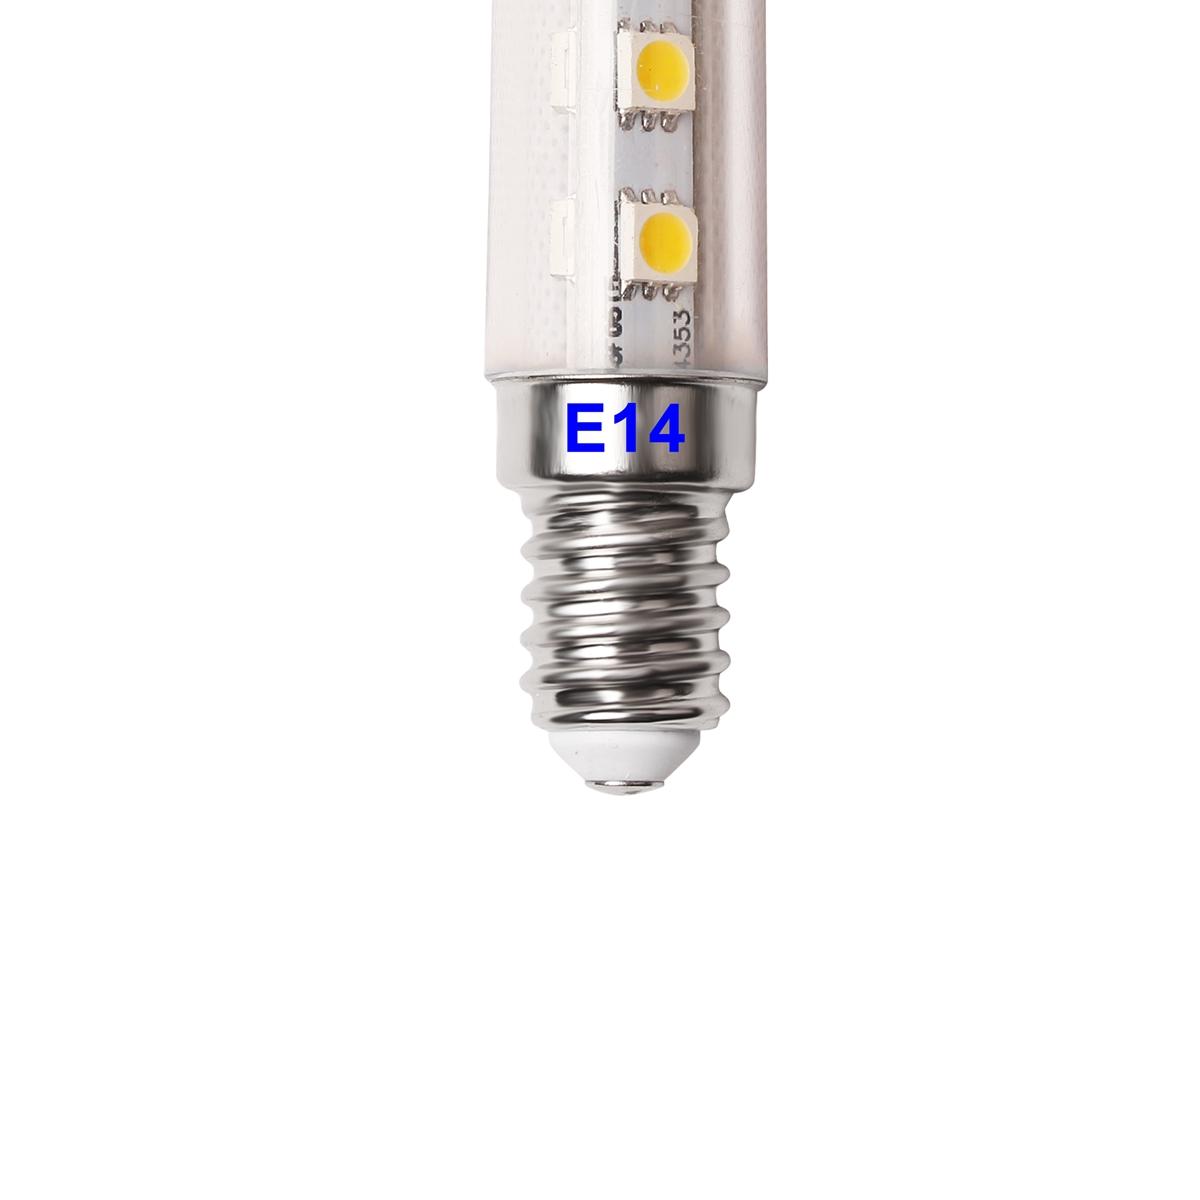 Wow 2 X 2 5w E14 Led Light Bulb For Kitchen Range Hood